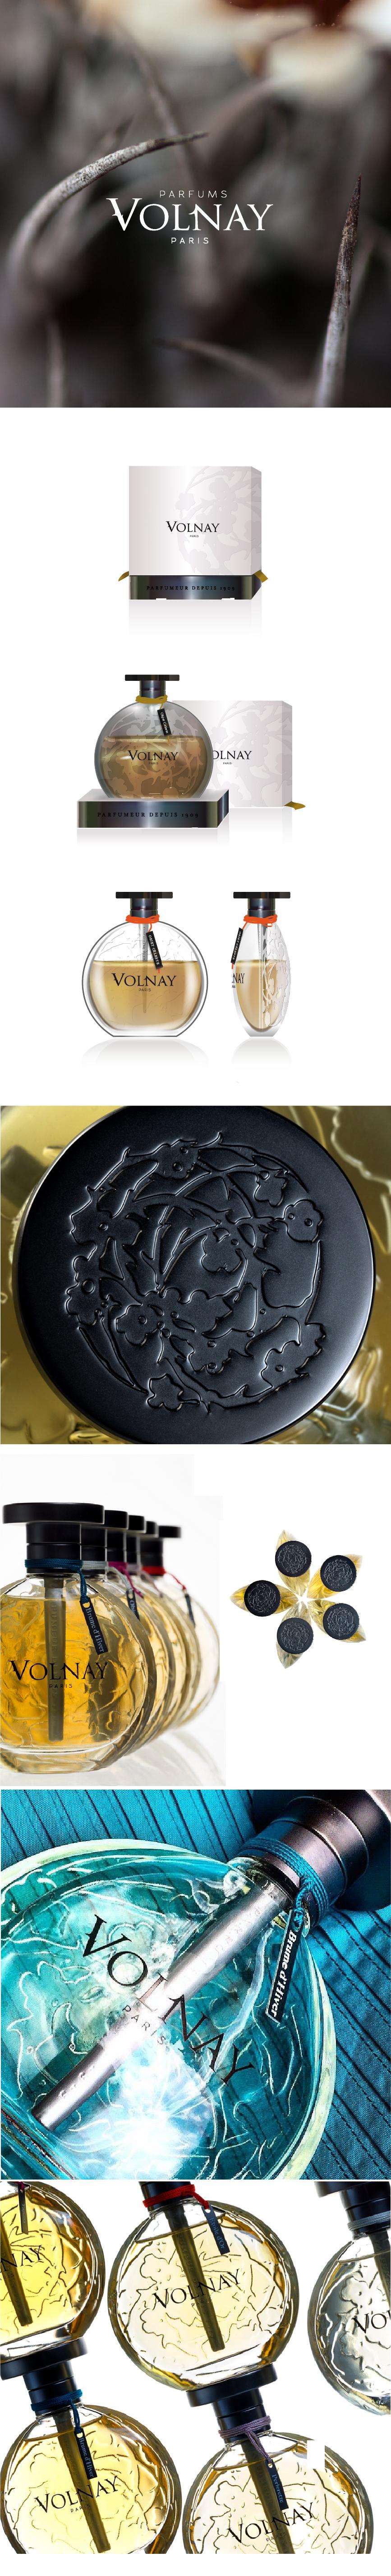 volnay-parfums-02